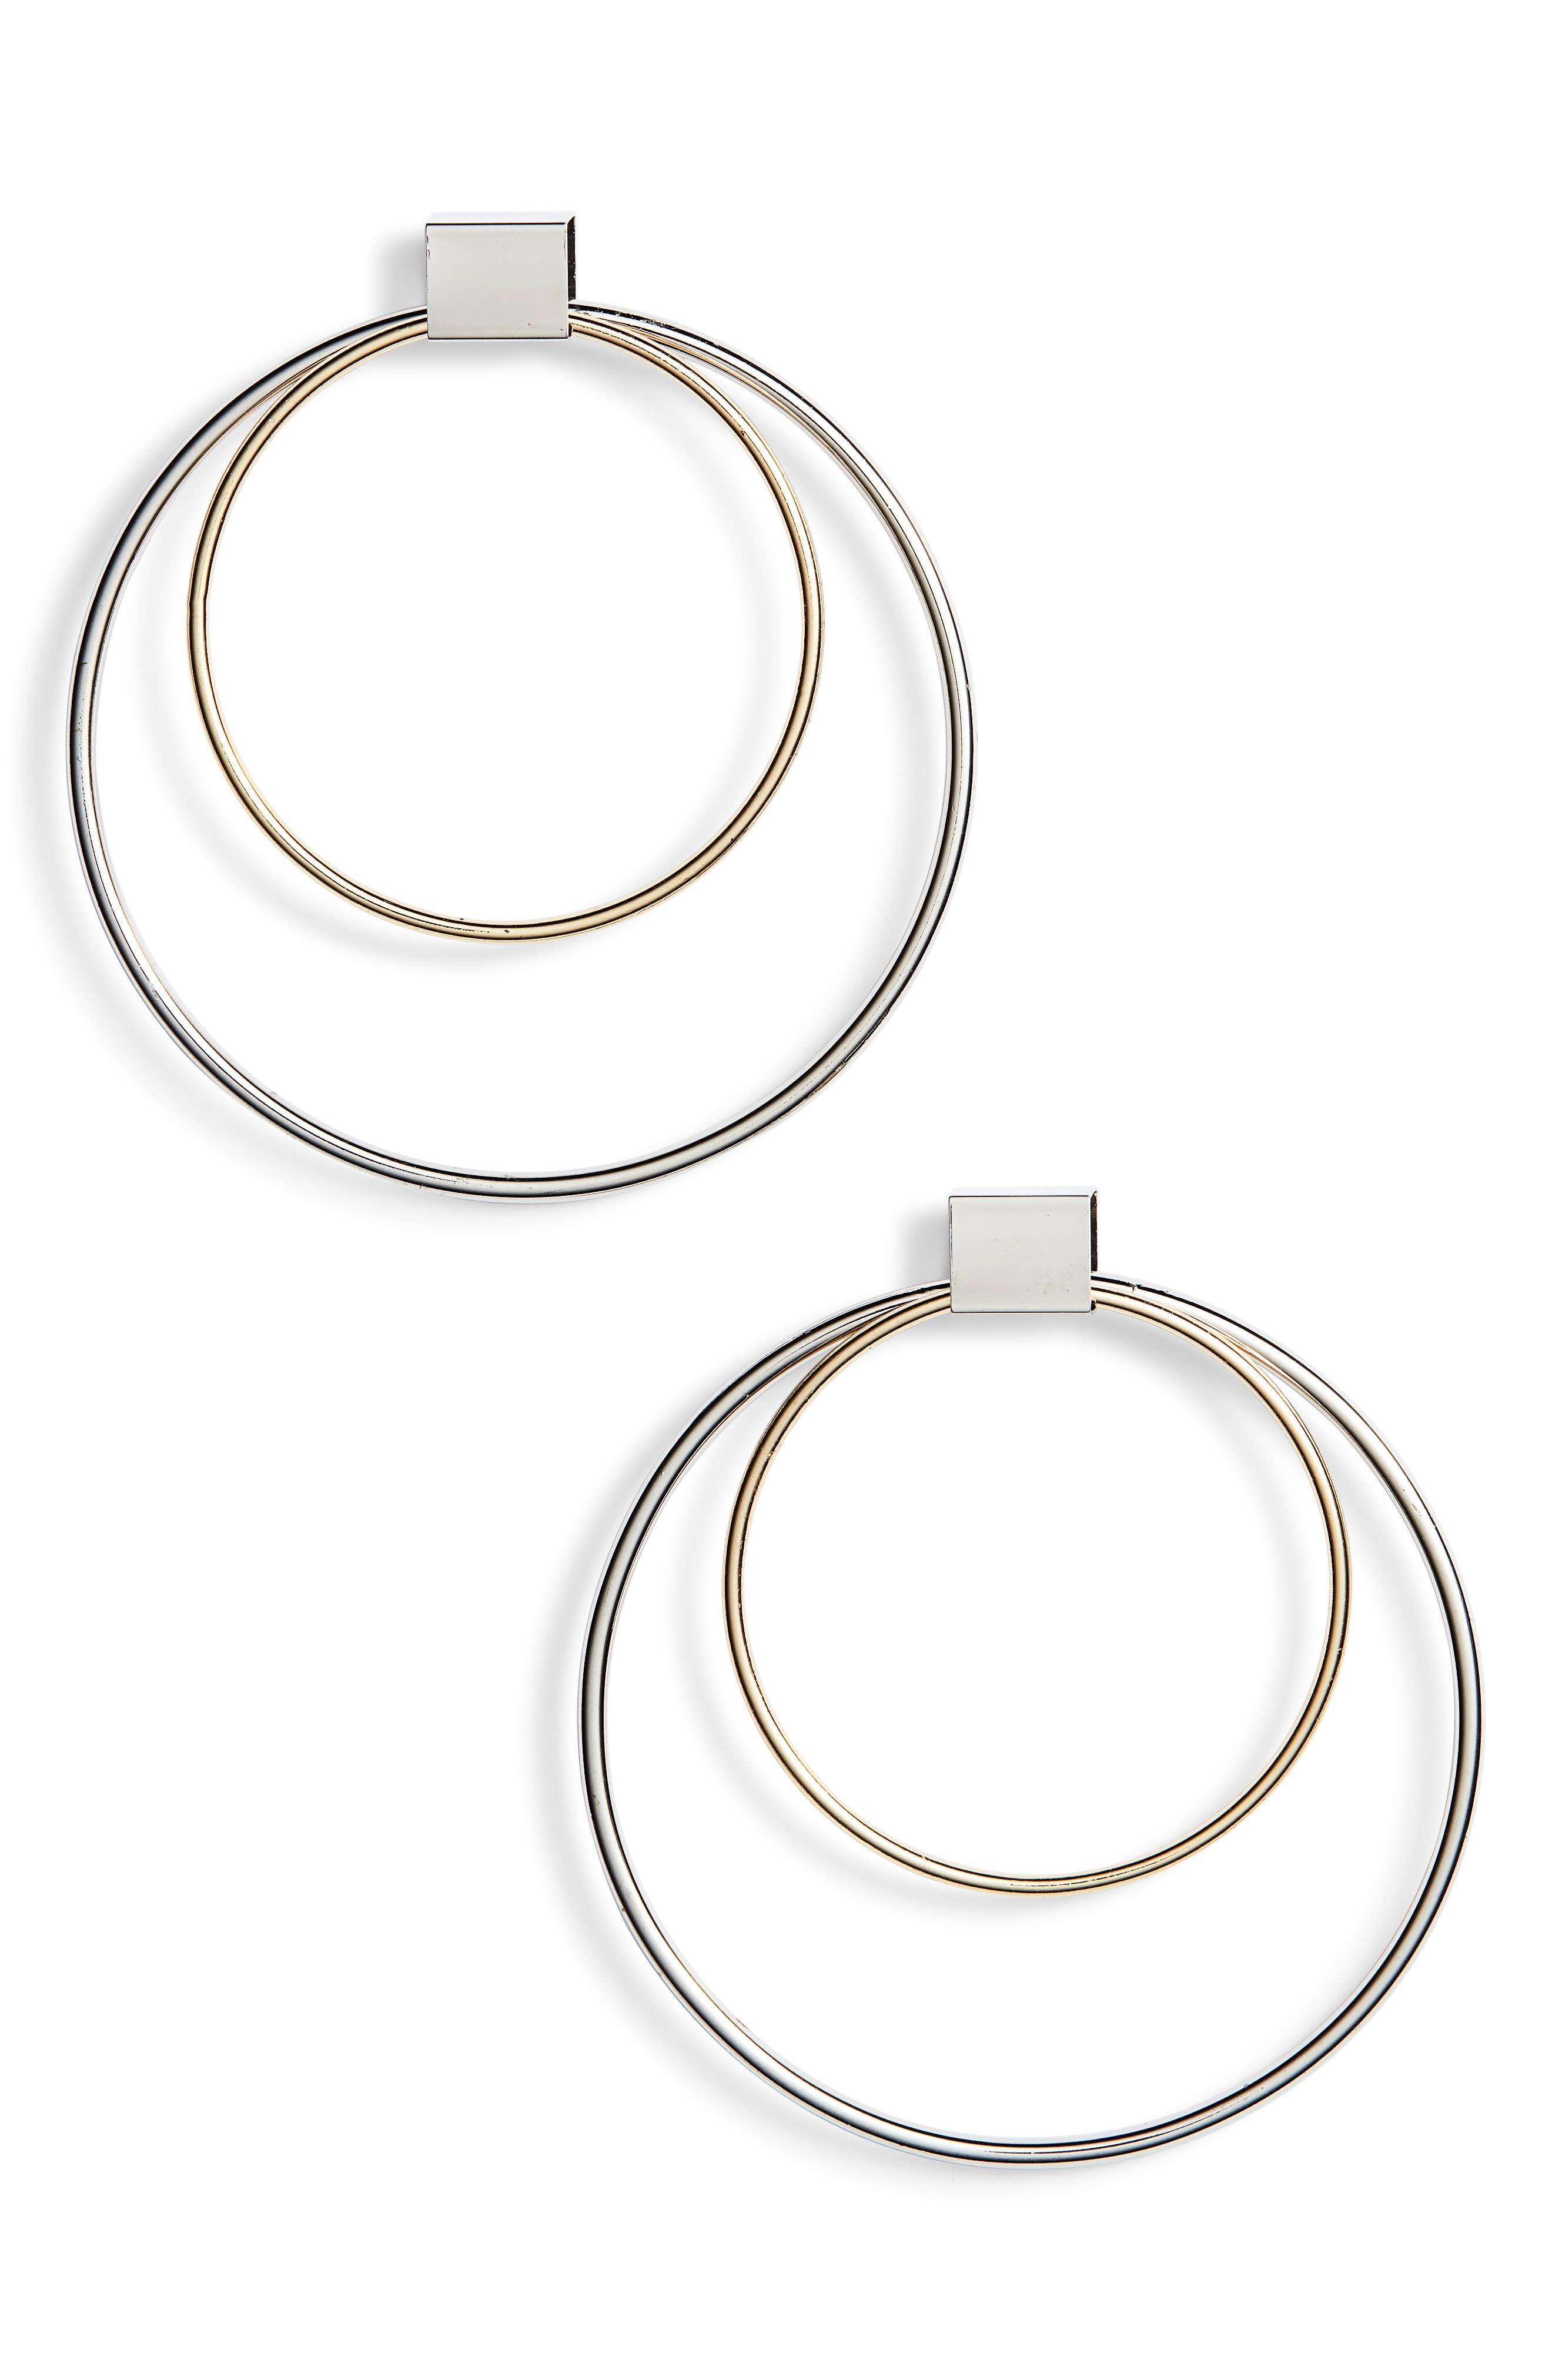 Double Hoop Earrings,                             Main thumbnail 1, color,